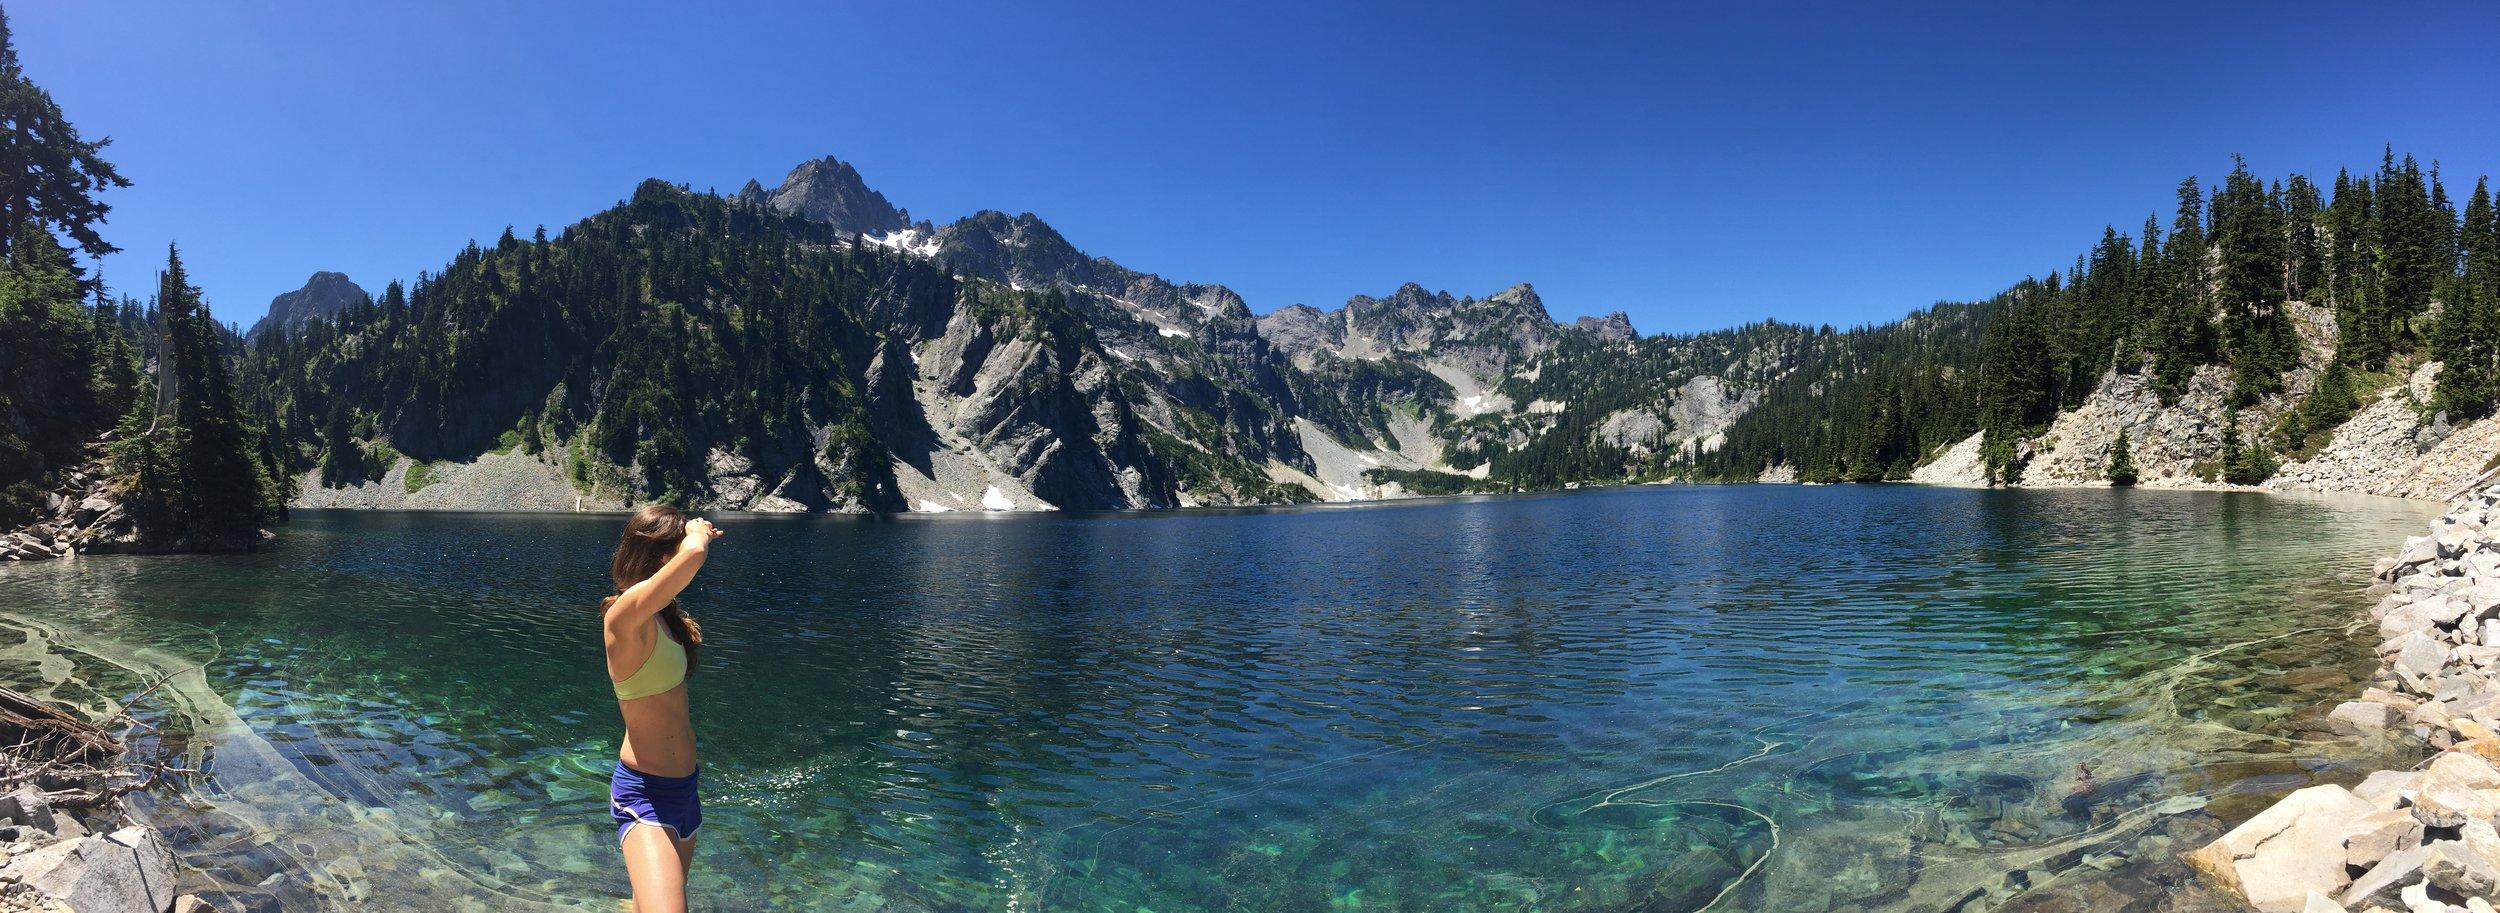 Panorama of Snow Lake hike in WA, PNW